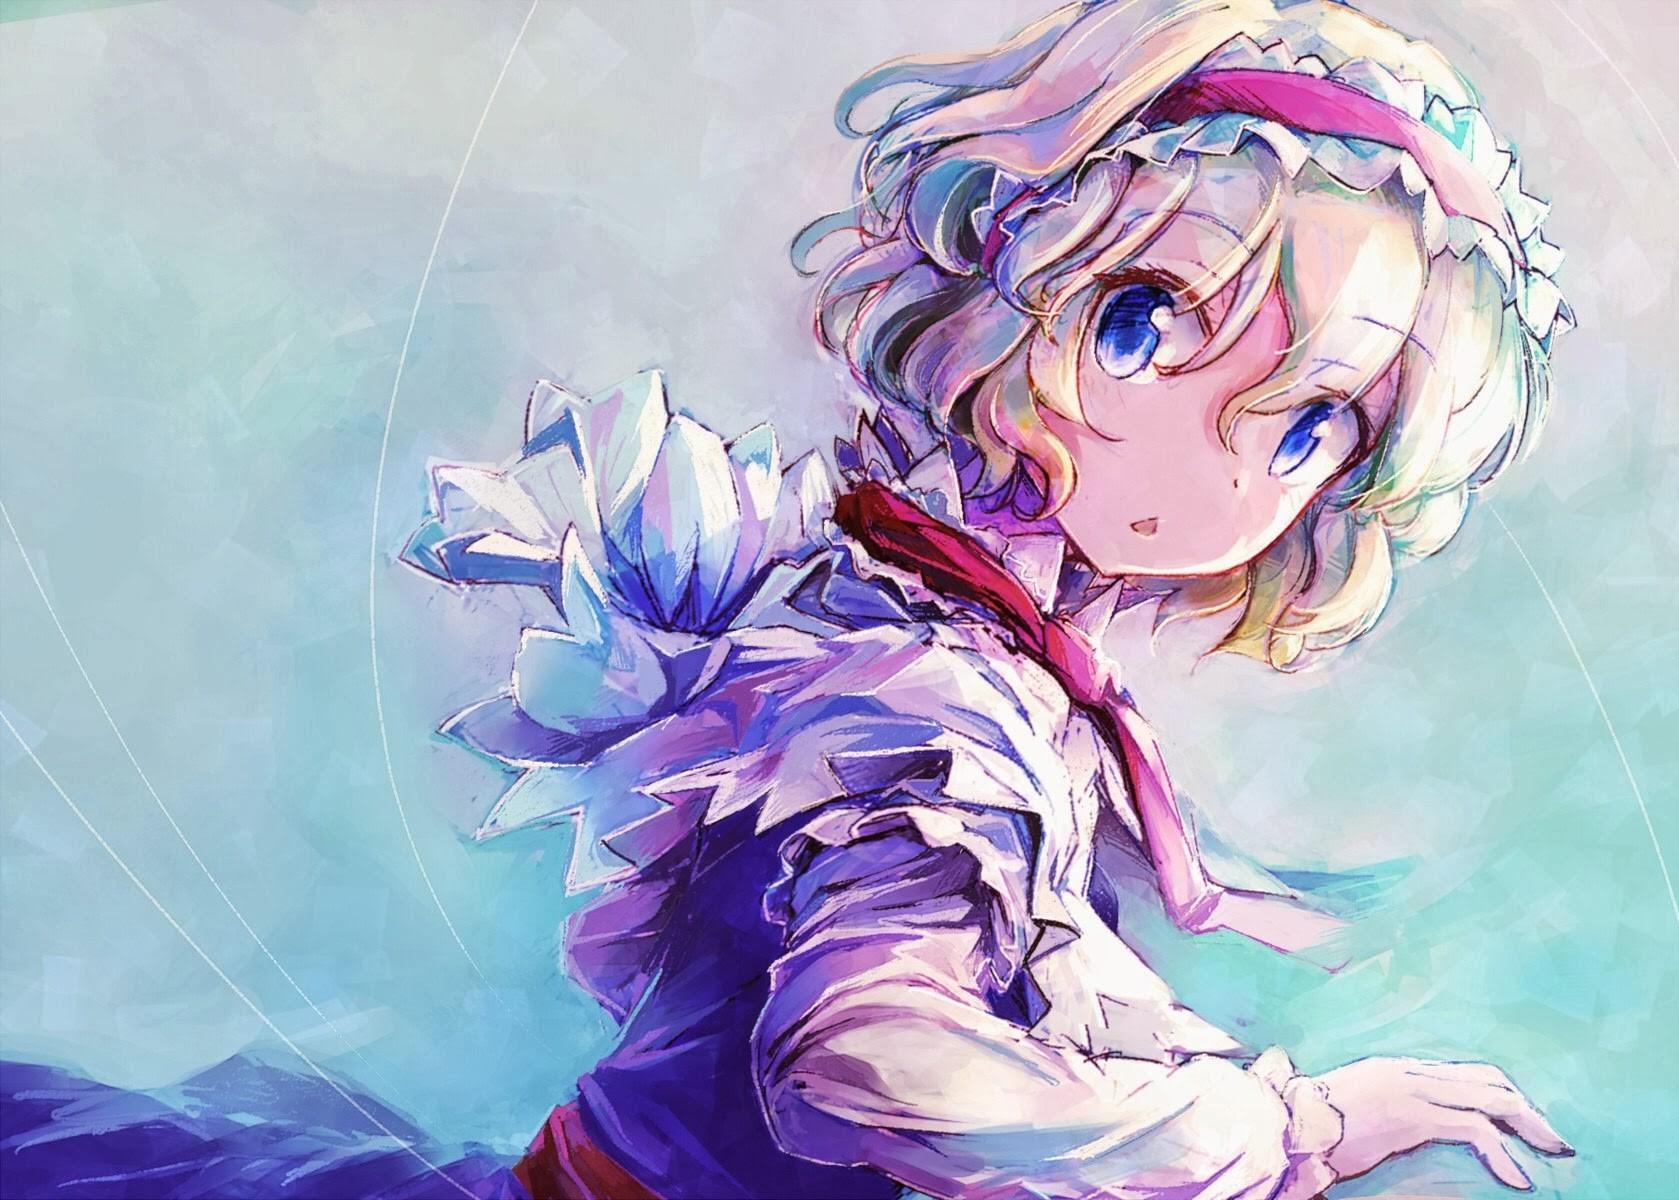 デスクトップ壁紙 お絵かき 図 アニメの女の子 東方 アリス